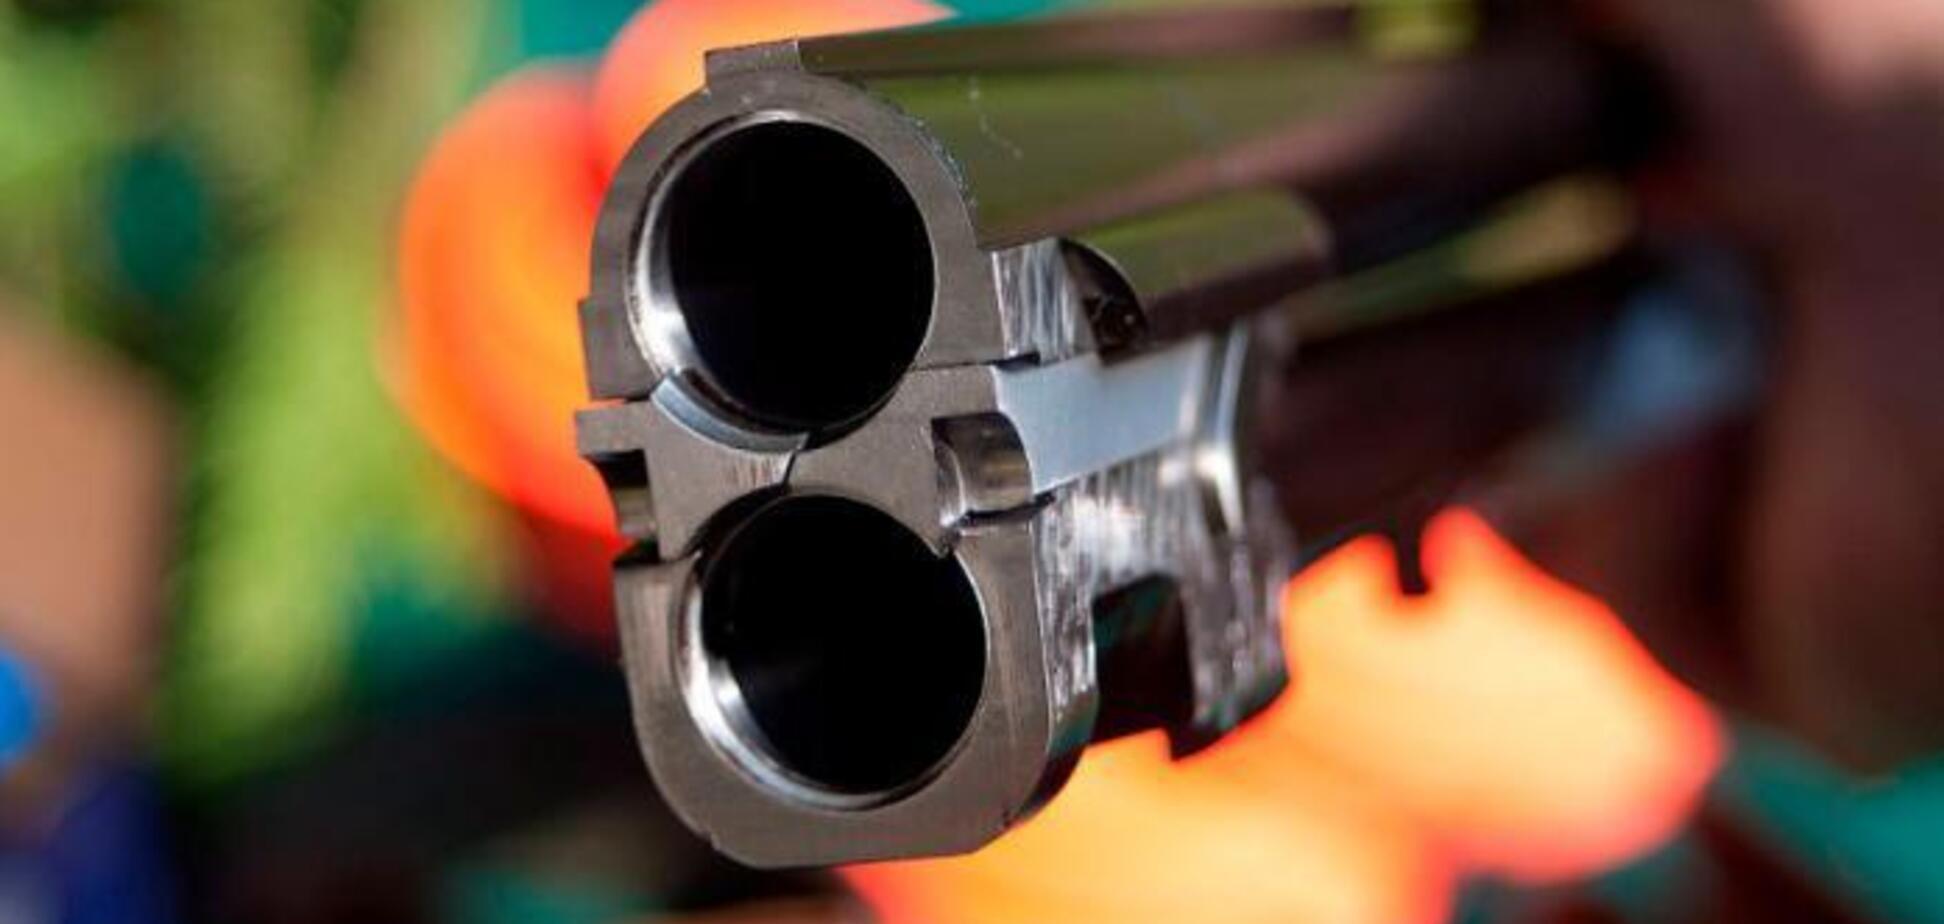 Стріляли по людях: розкрилися подробиці збройної НС у Дніпрі